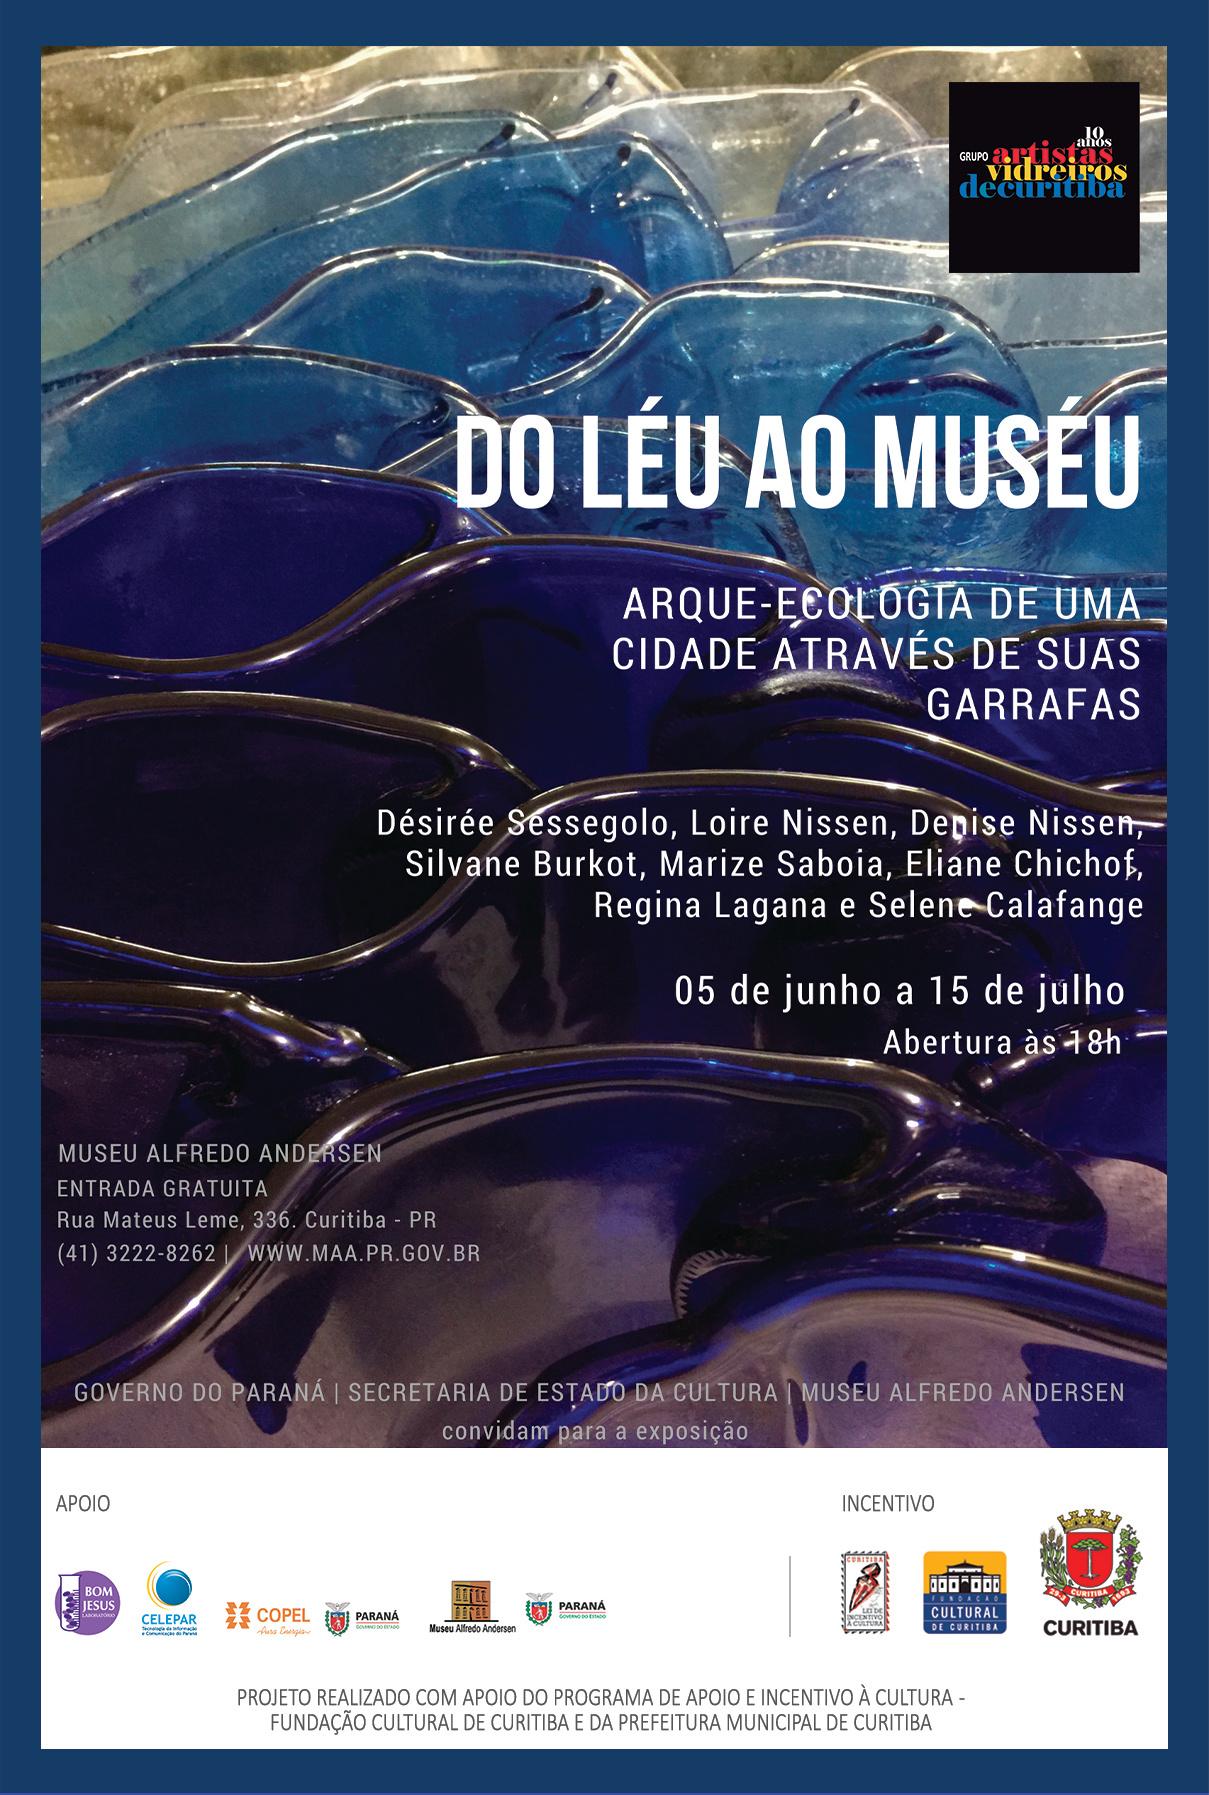 Mostra do Léu ao Muséu do Grupo de Artistas Vidreiros de Curitiba